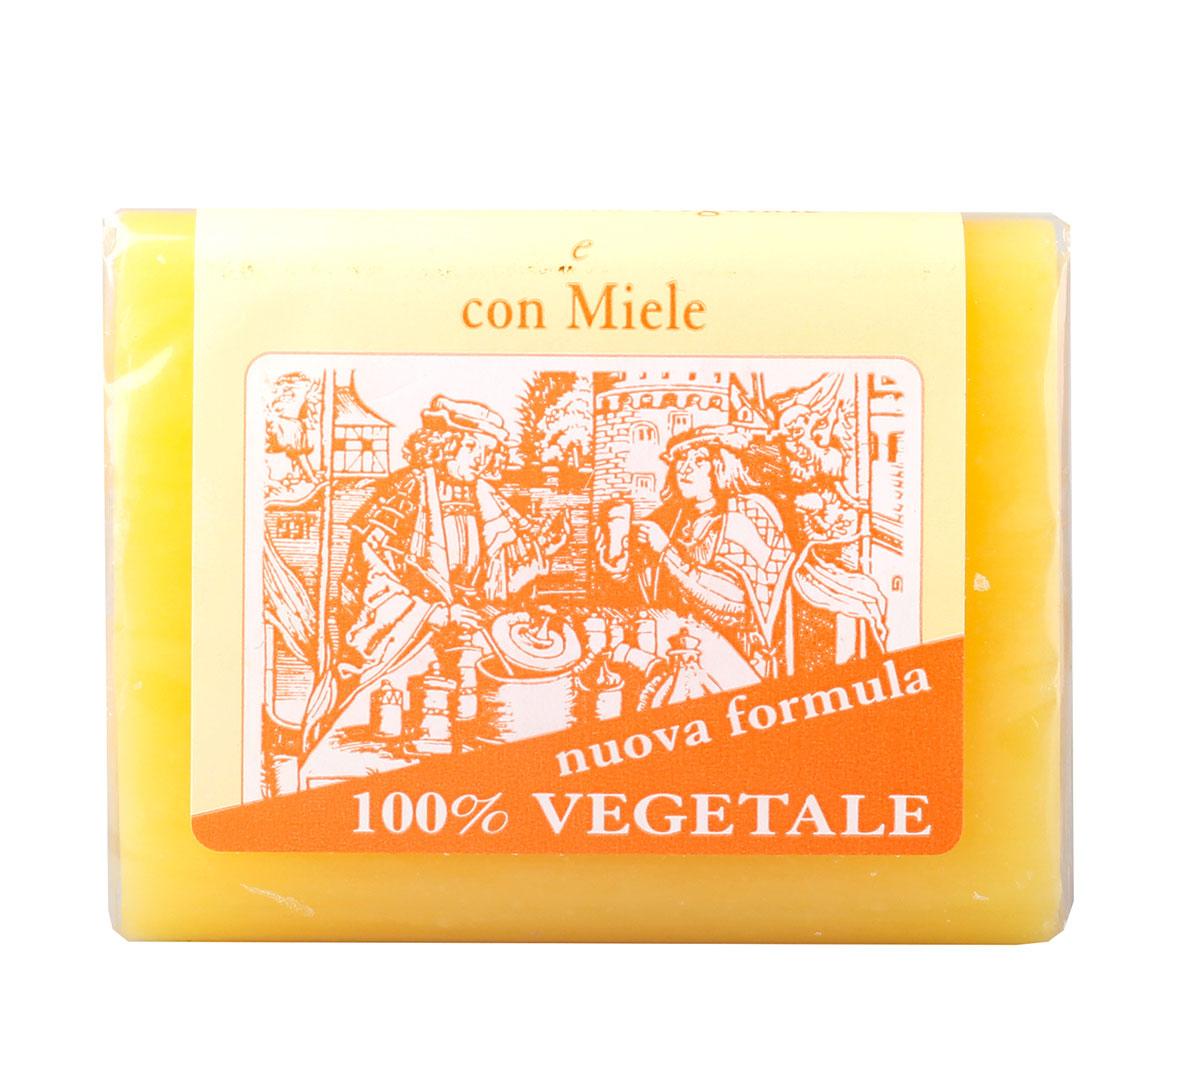 Iteritalia Мыло натуральное глицериновое с медом, 150 г835/833ASНатуральное косметическое глицериновое мыло коллекции МАСТЕРА МЫЛОВАРЫ изготовлено из 100% растительных ингредиентов в соответствии с античными традициями мастеров Саронно. Обогащено глицерином,экстрактом меда, обладает смягчающим и увлажняющим действием. Подходит для всех типов кожи, в том числе для сухой.